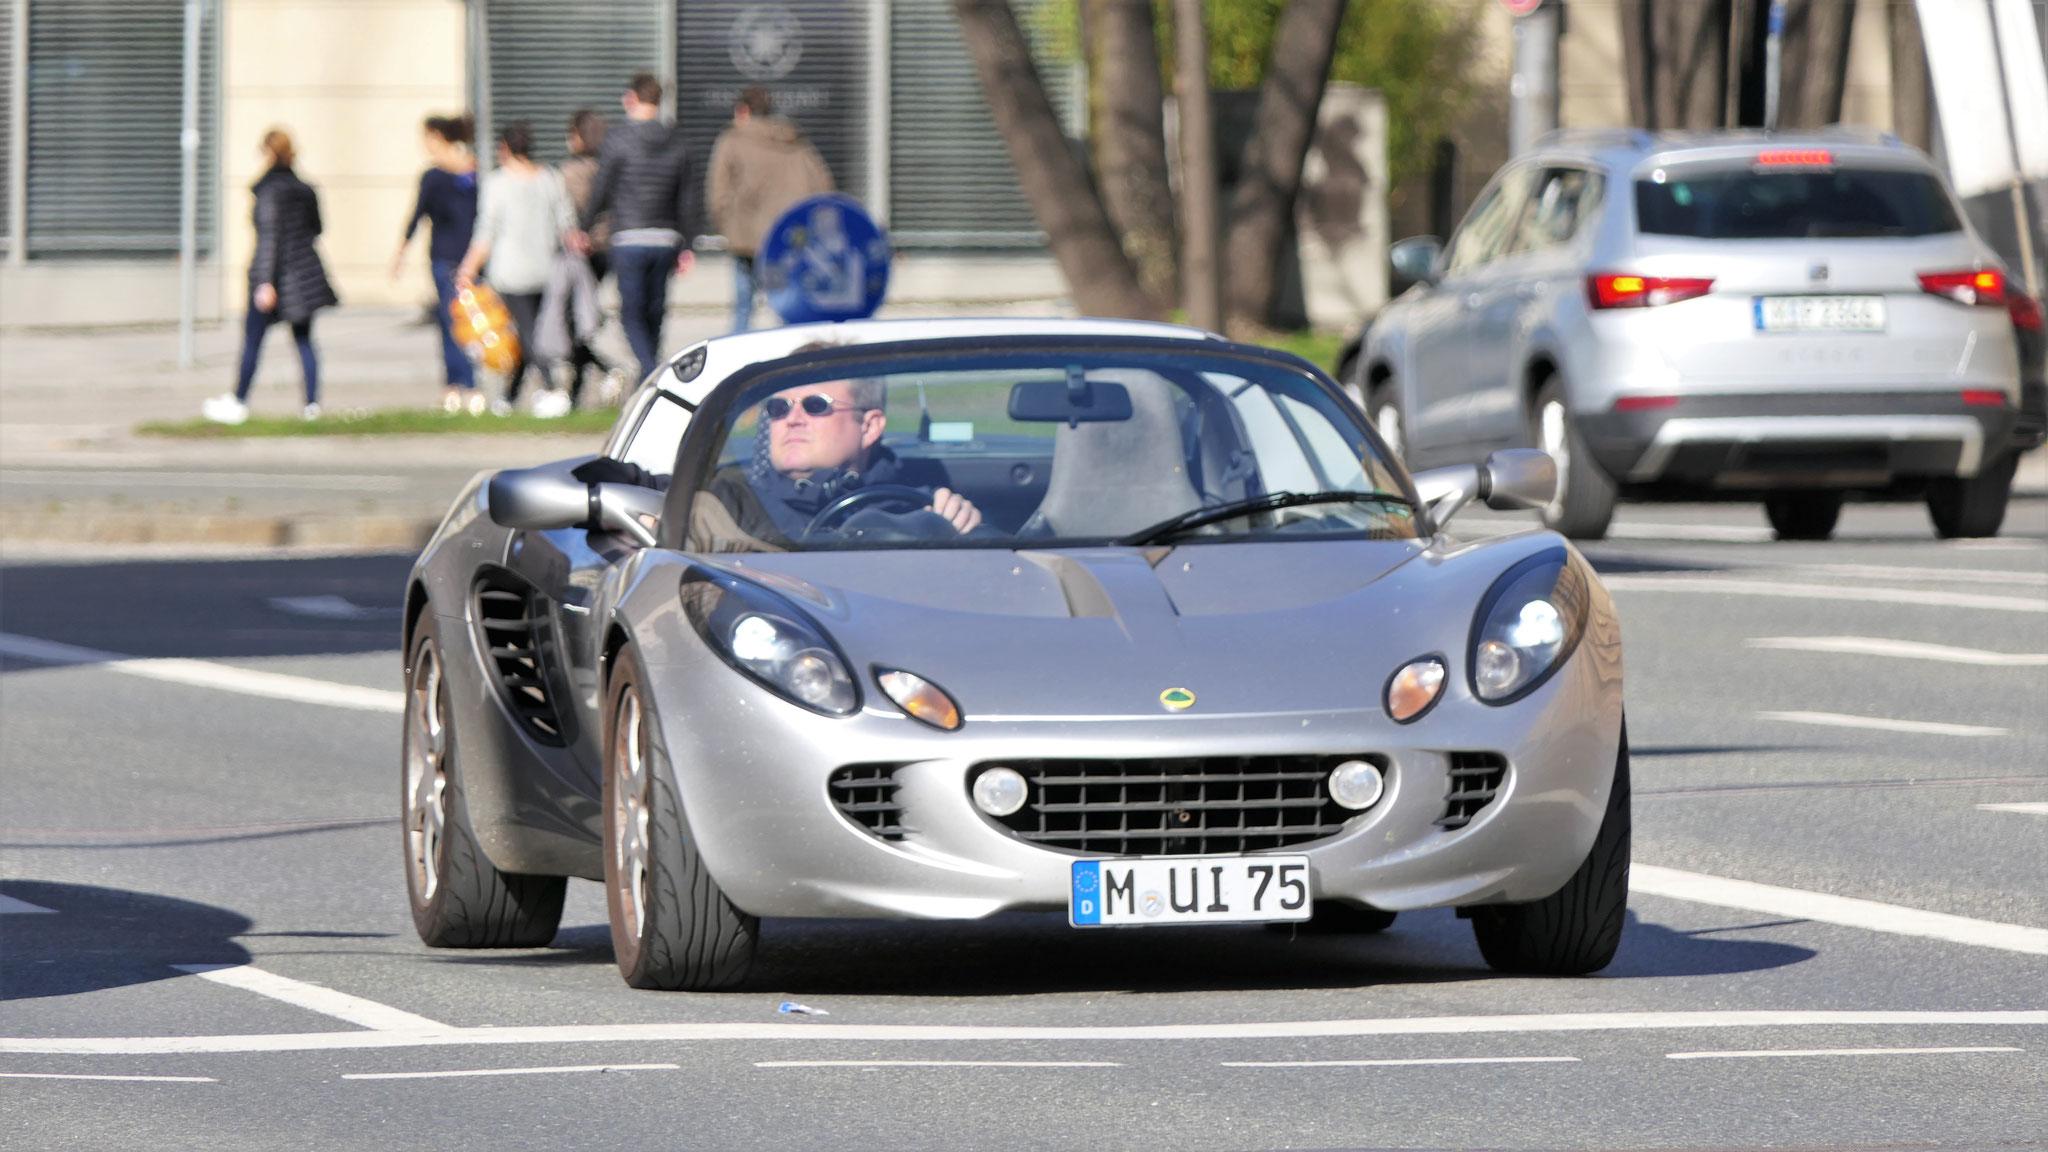 Lotus Elise S2 - M-UI-75